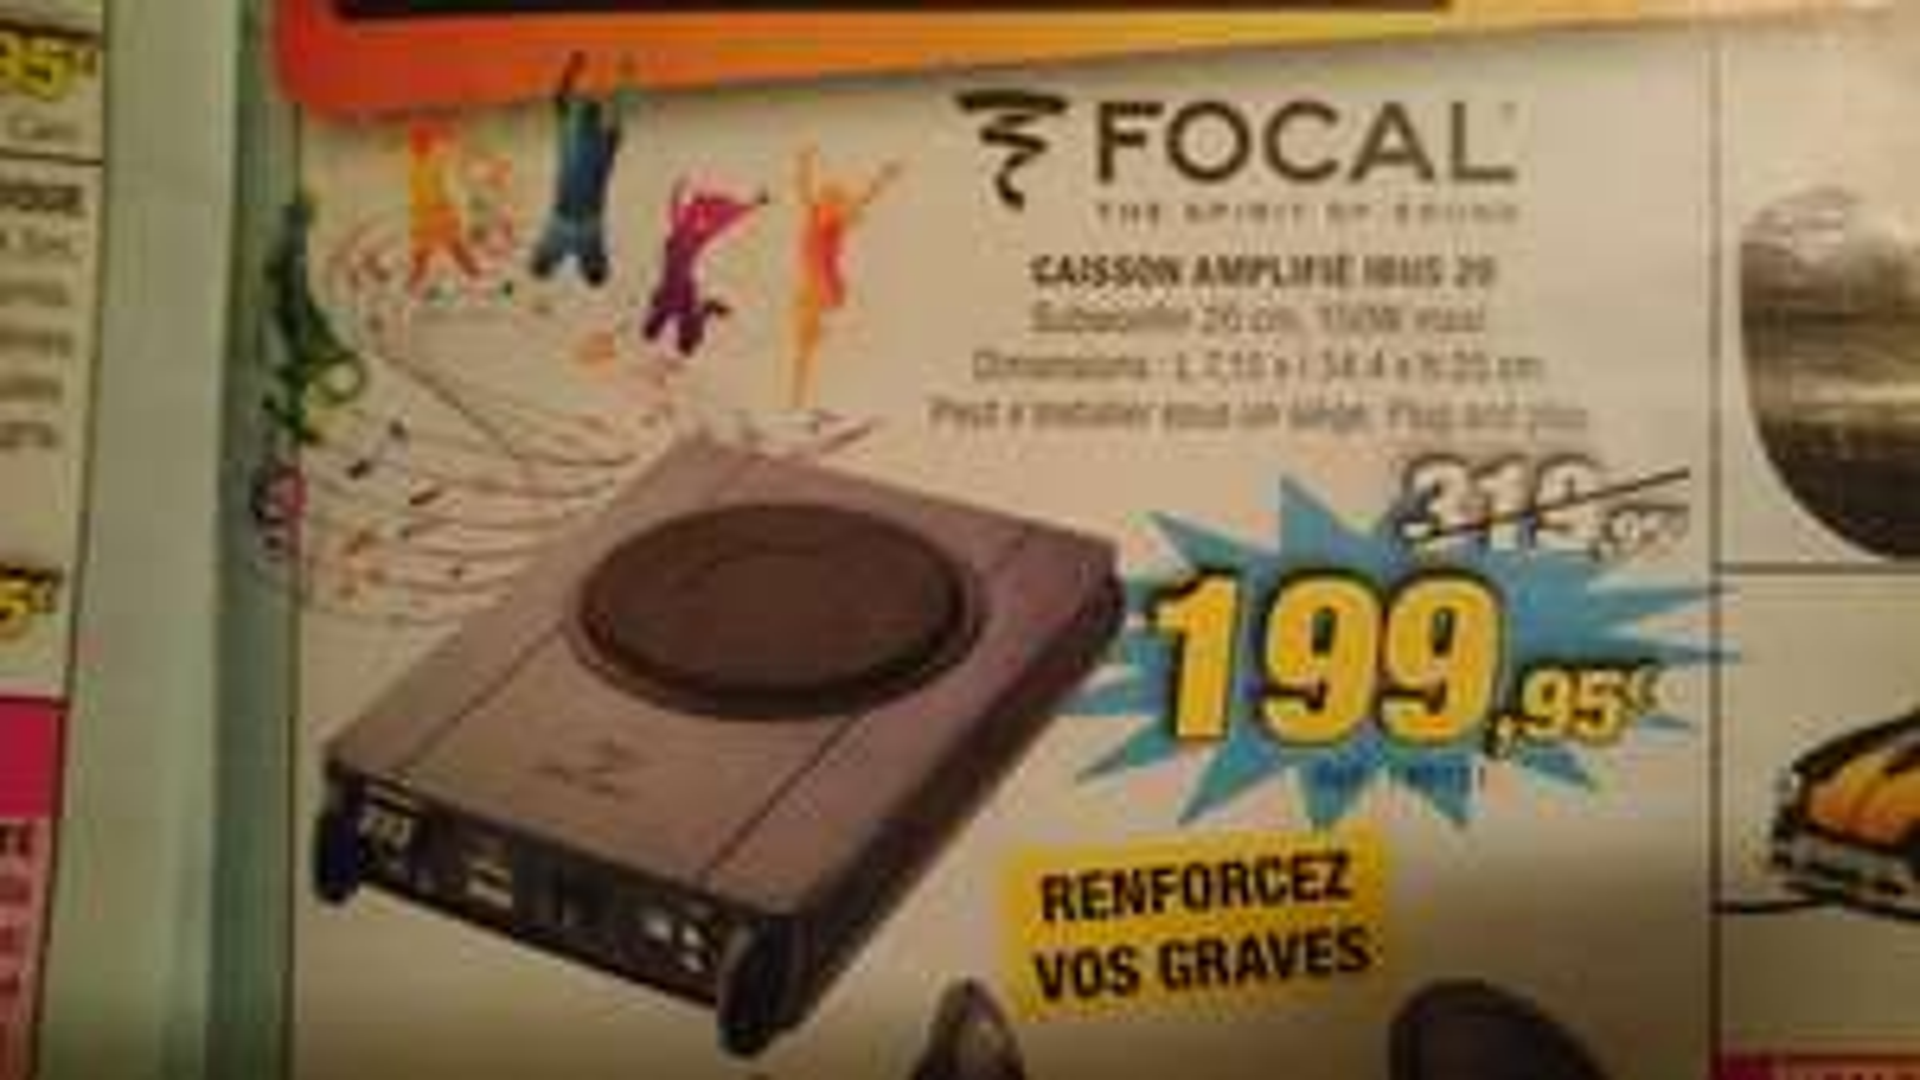 Caisson Focal IBUS 20 - Subwoofer 20cm, 150W